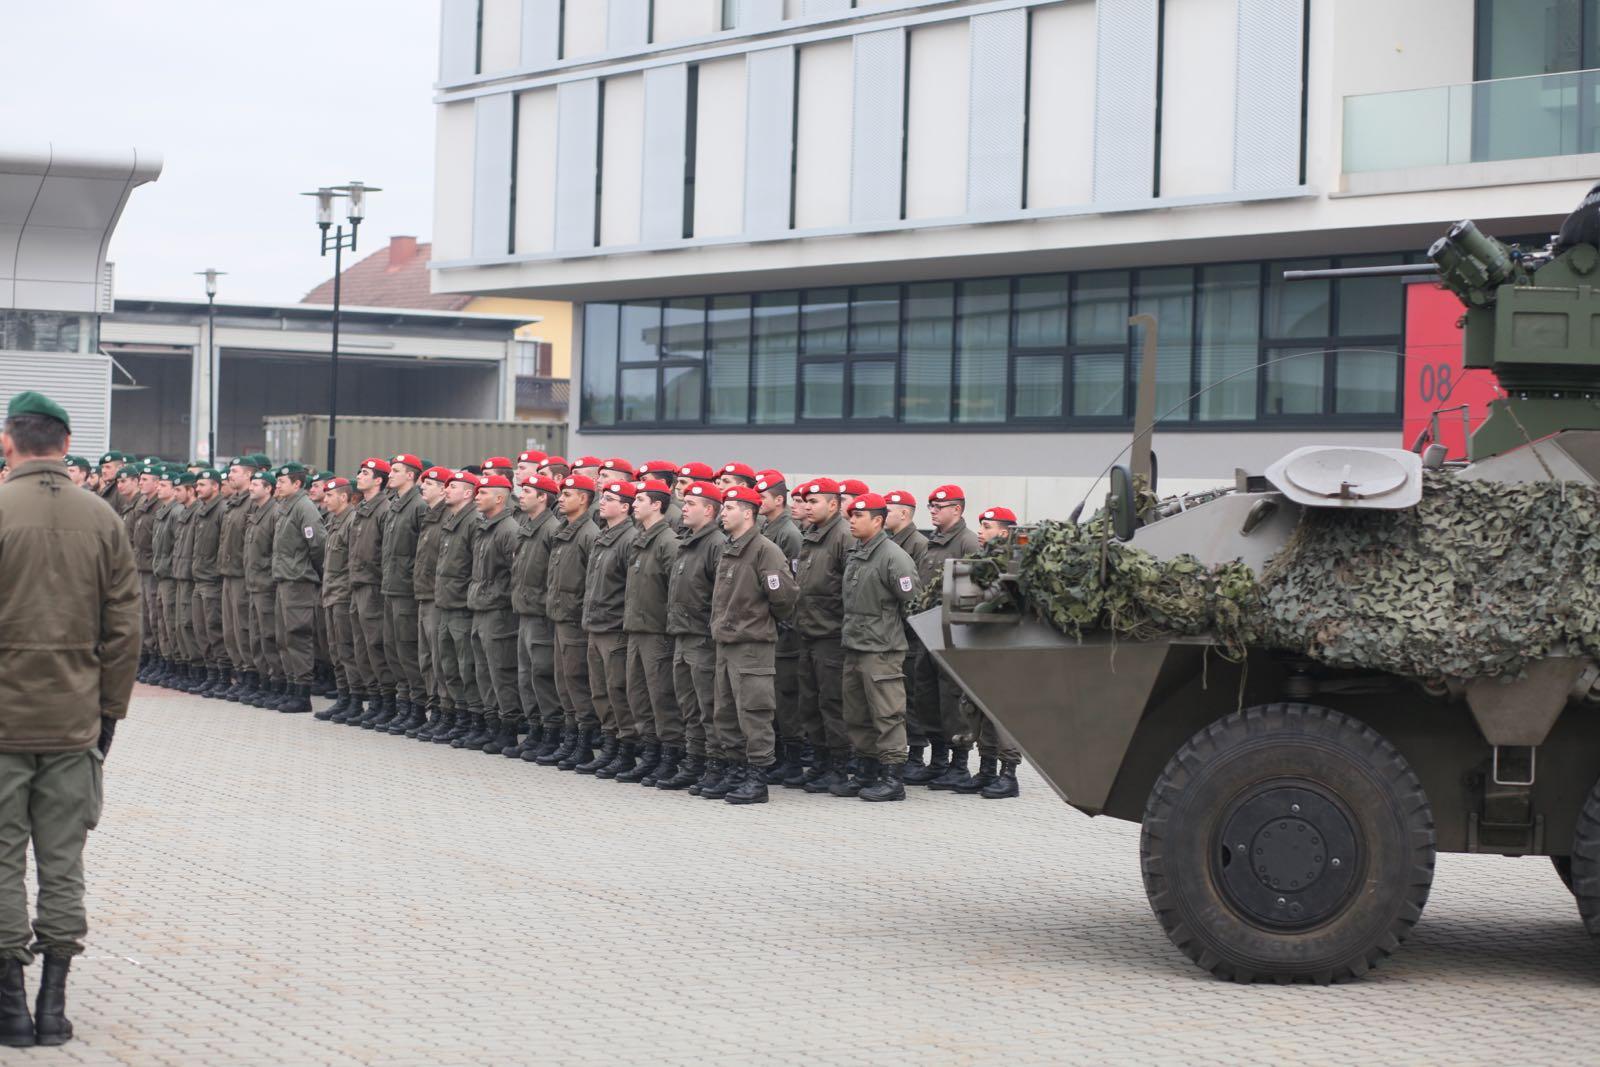 2019_02_08_5Gardekompanie_KPE_EUFOR30_Verabschiedung - 1 of 61